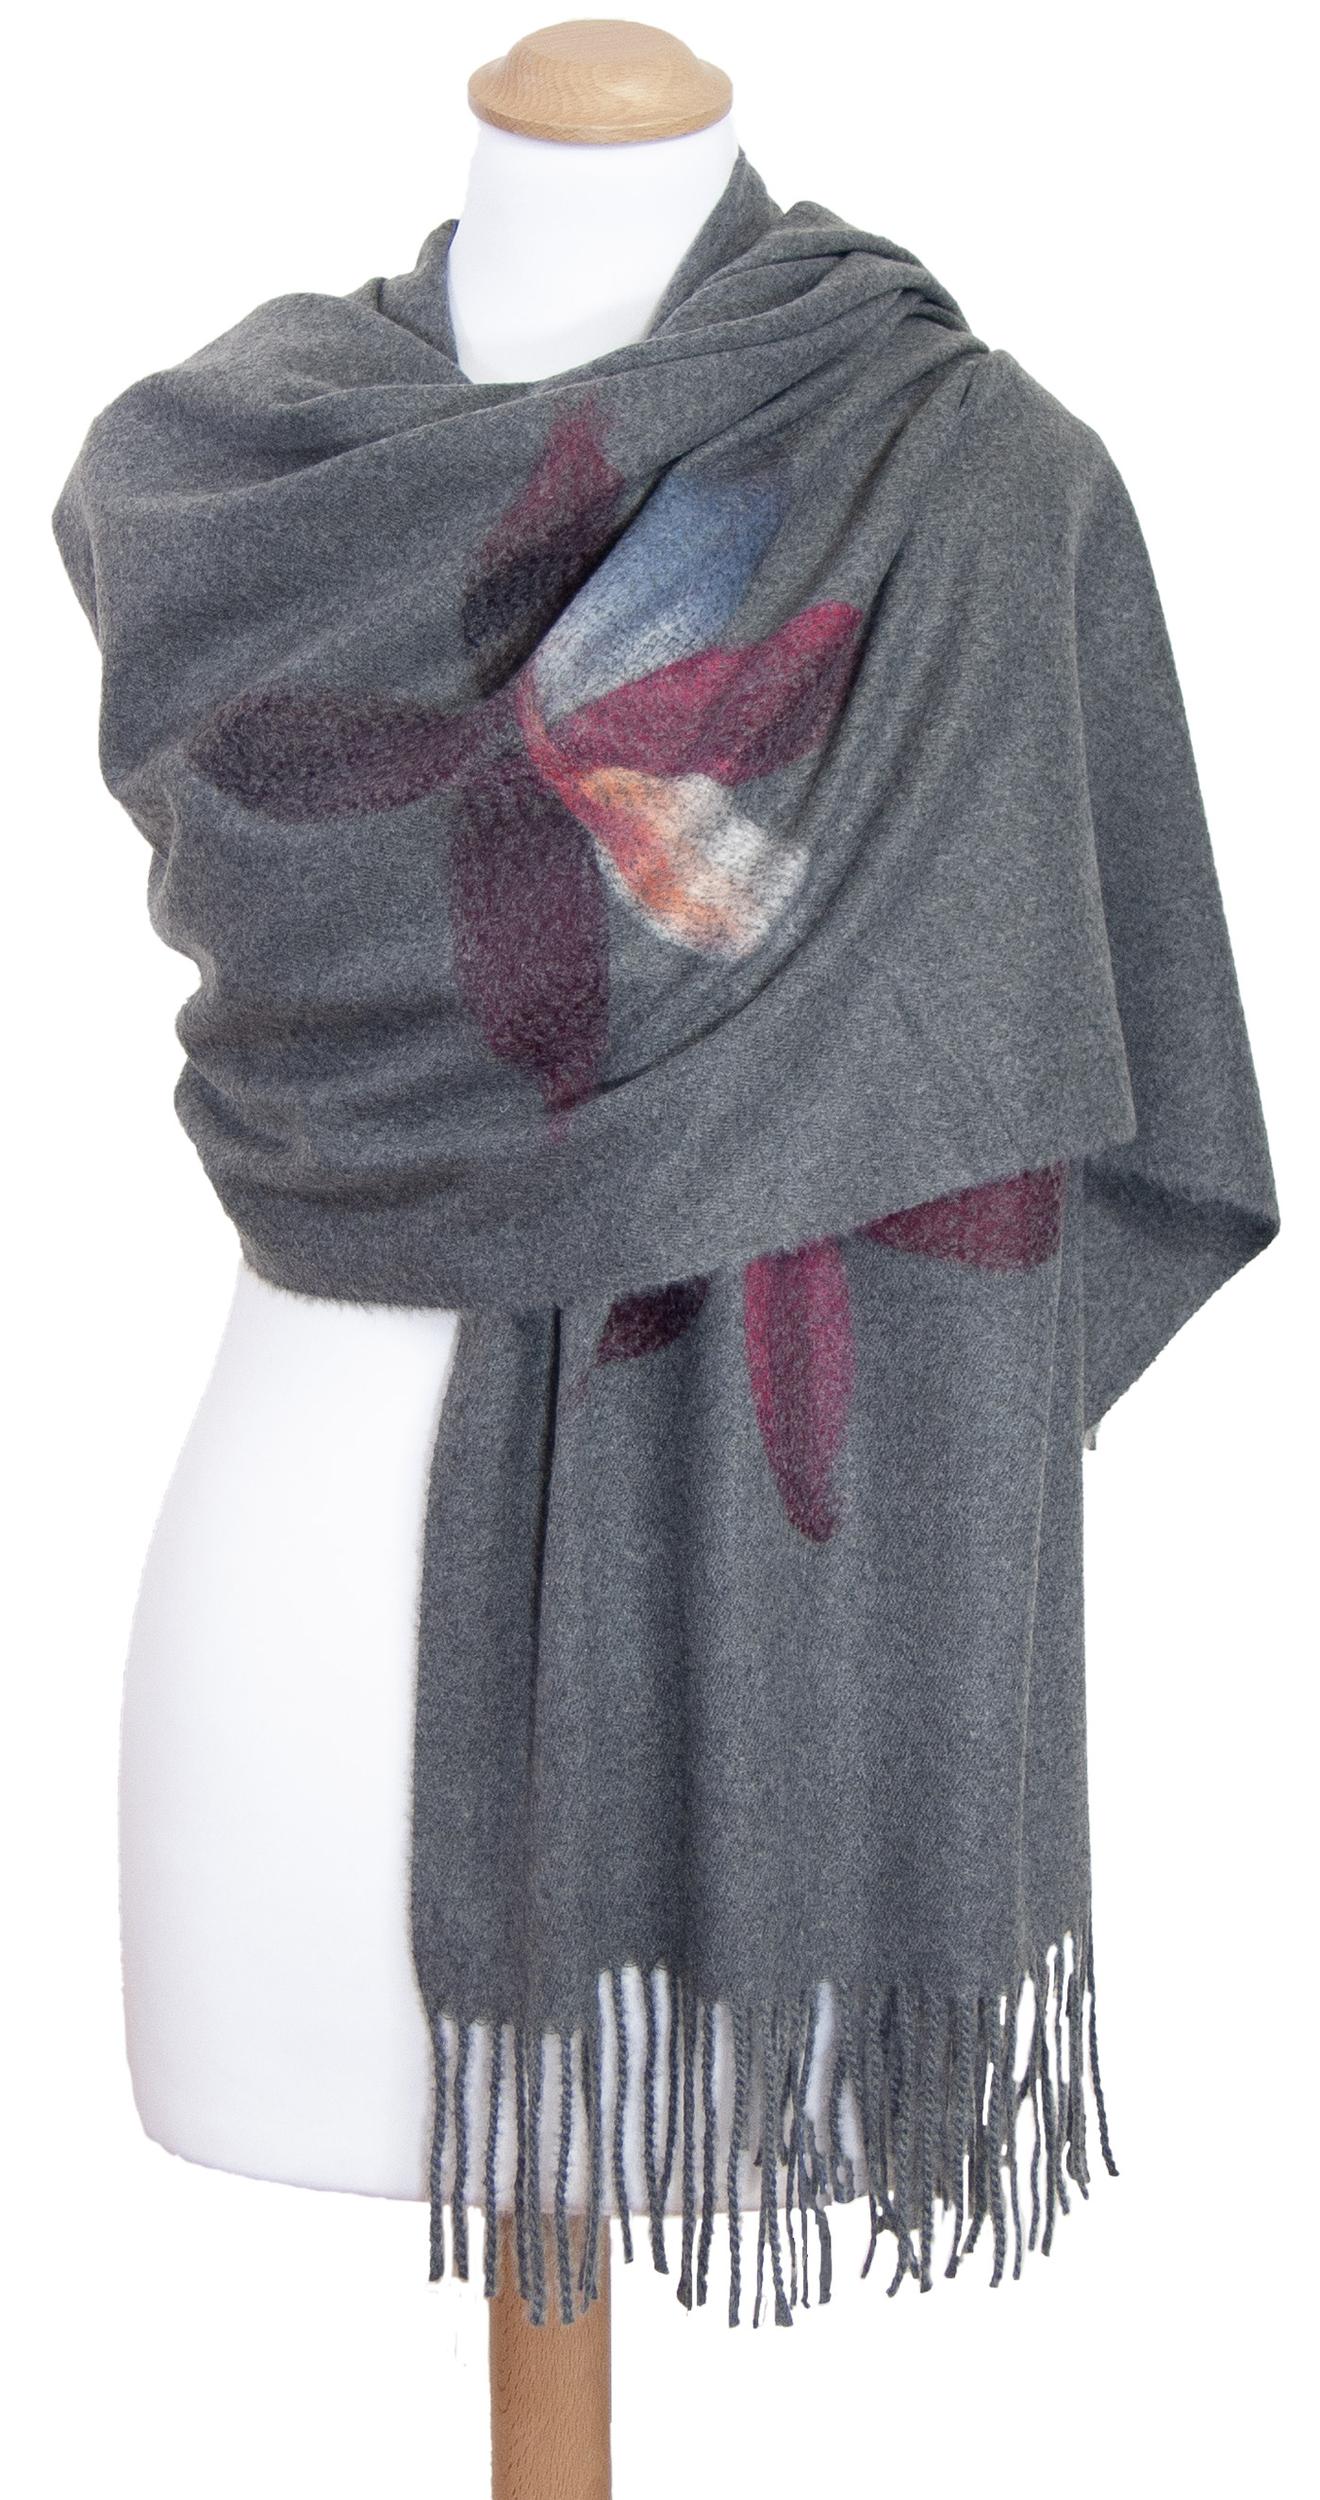 Châle gris laine fleurs Eva